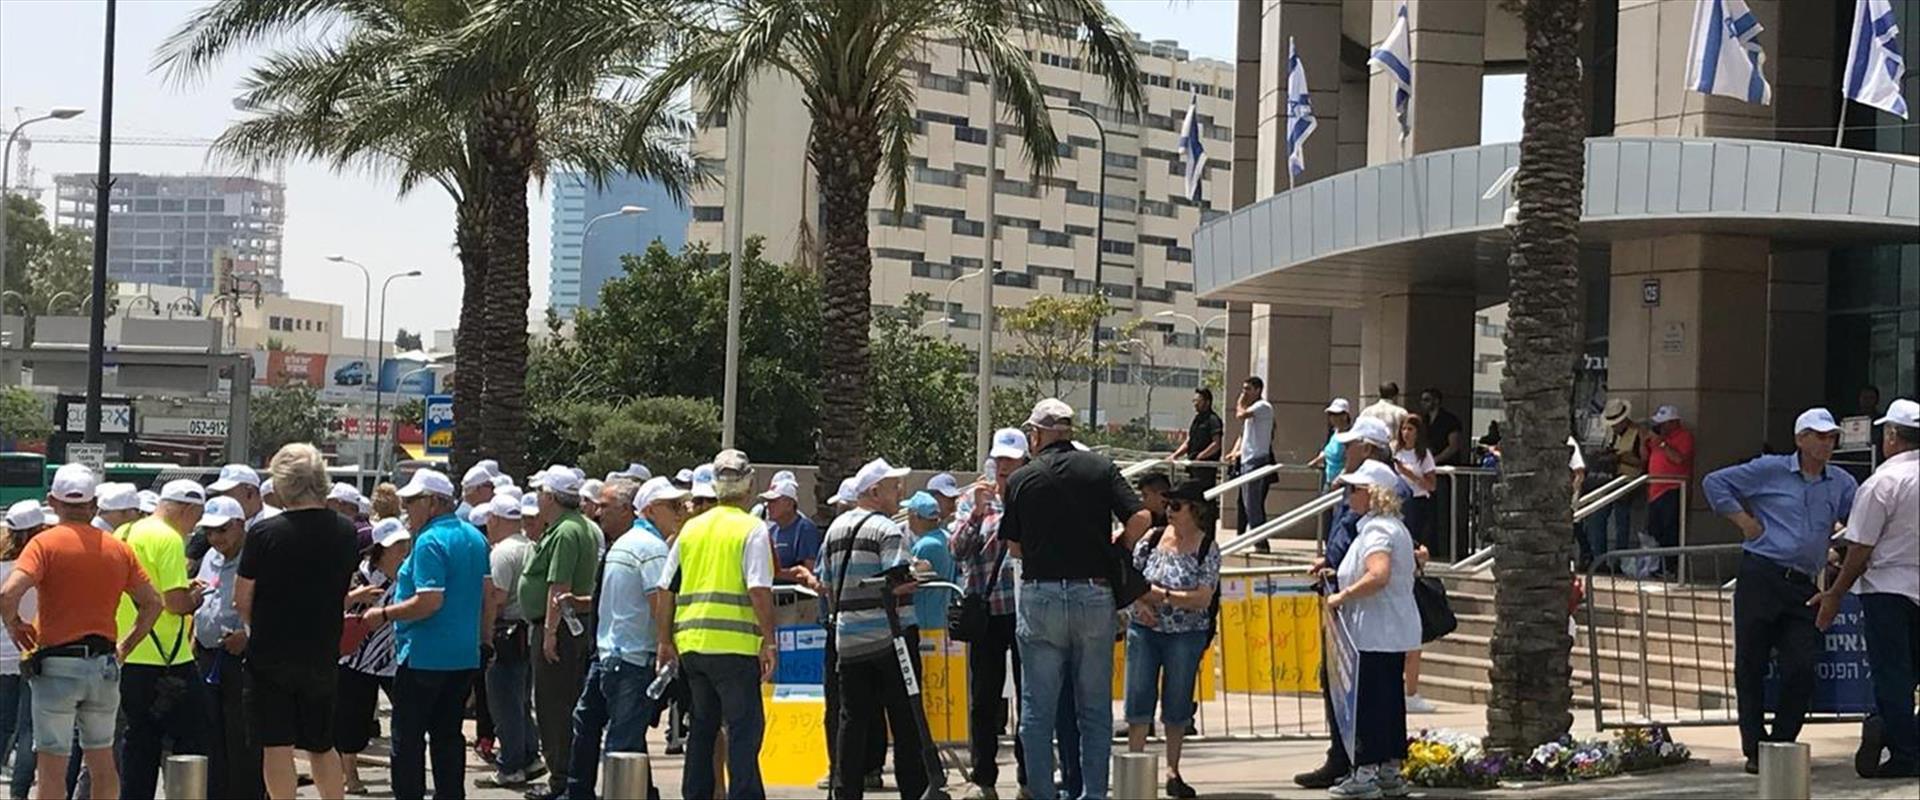 relever l'âge de la retraite des femmes pour faire baisser les réductions du montant des retraites en israel